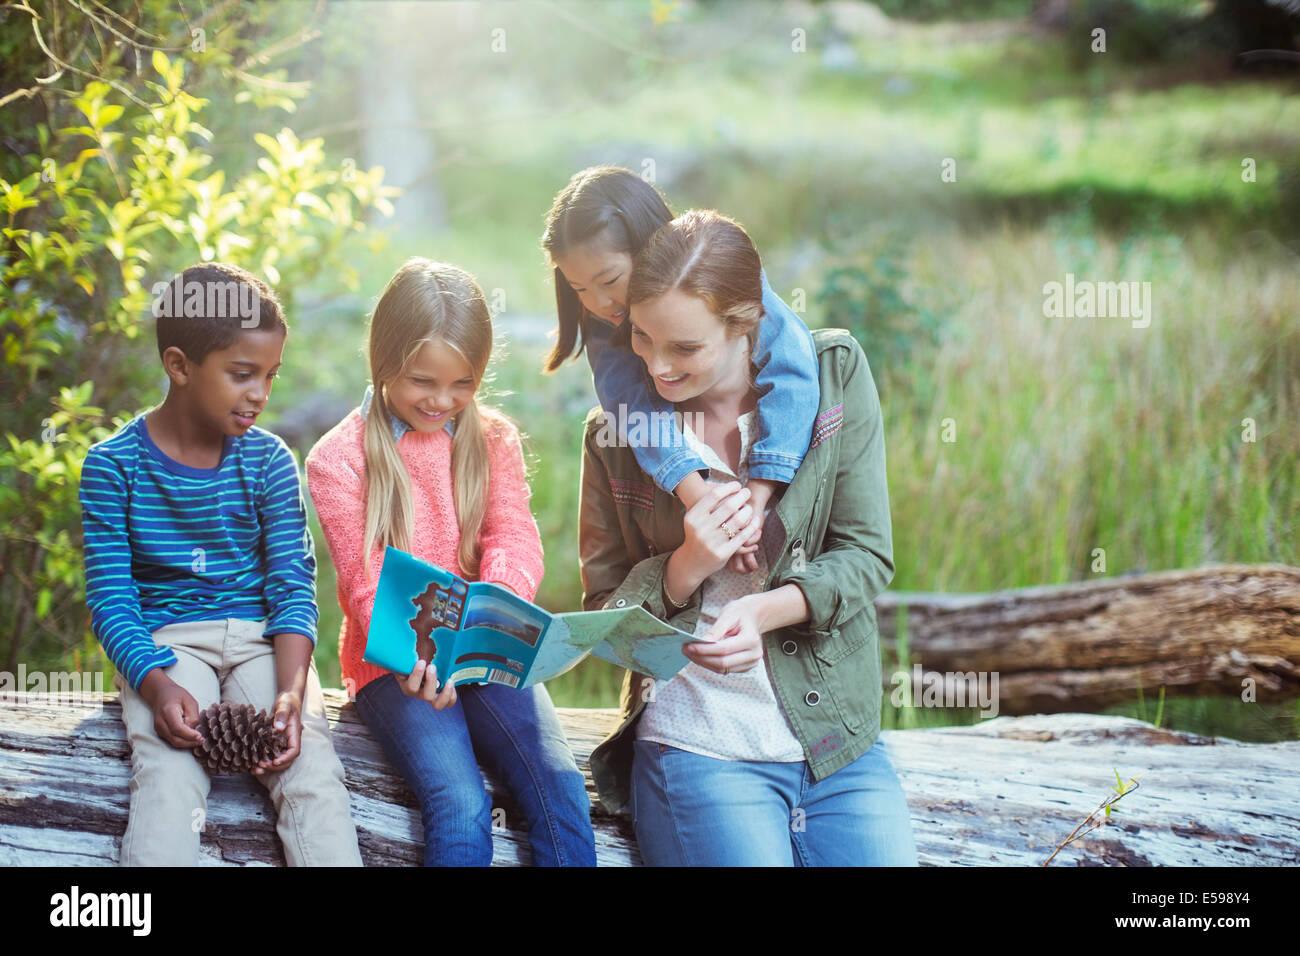 Los alumnos y el profesor leer mapa en el bosque Imagen De Stock